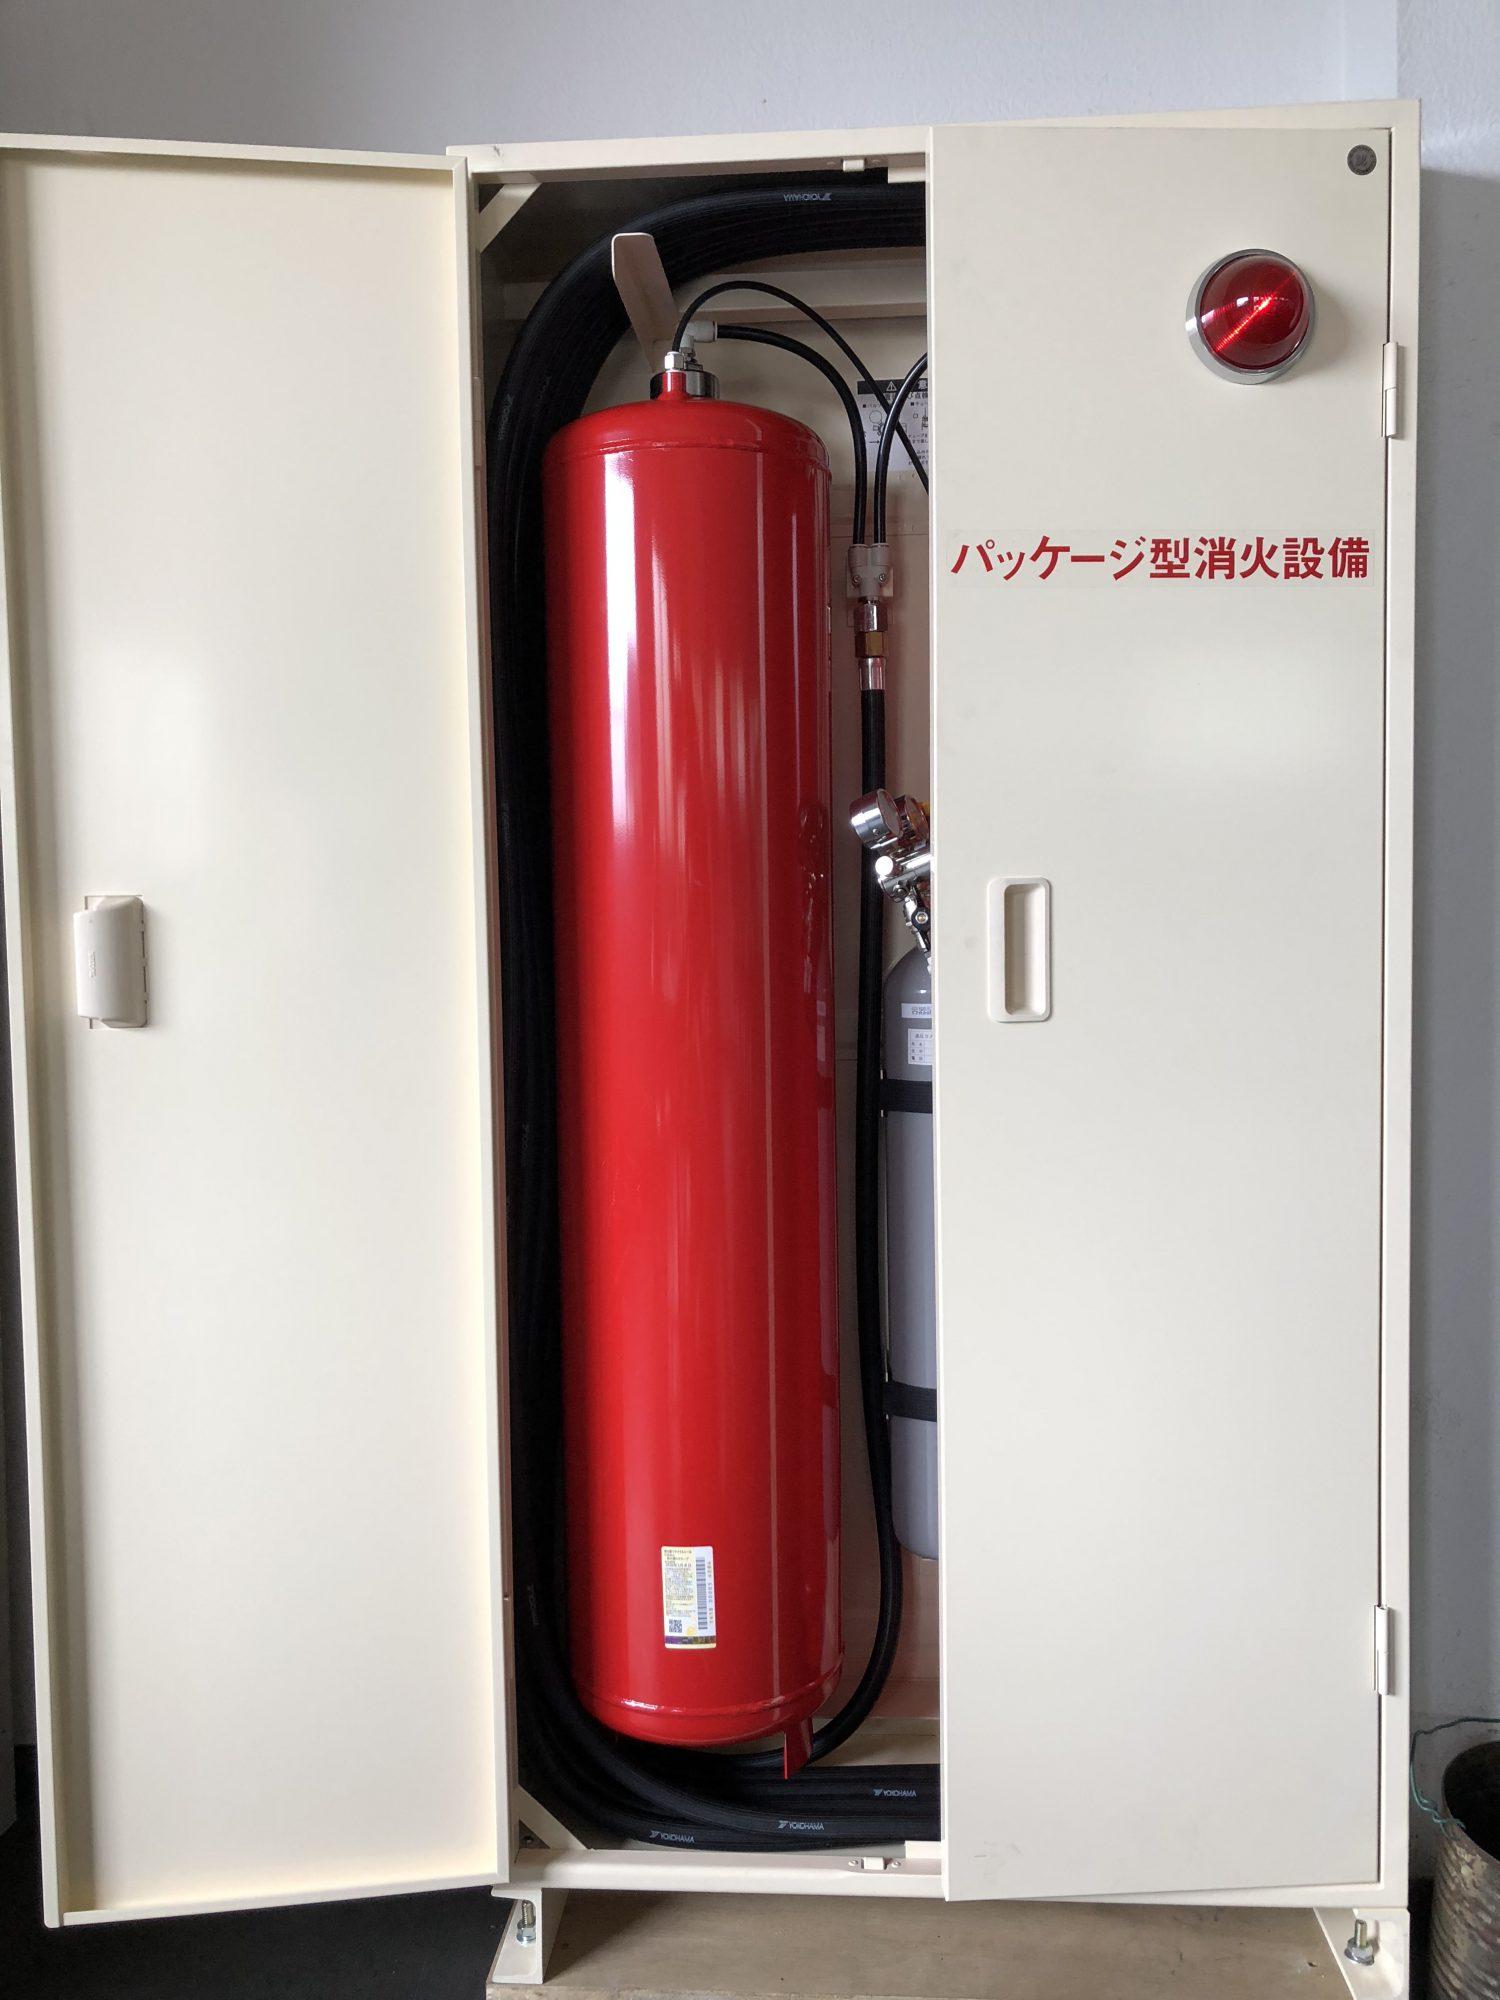 *パッケージ型消火設備の設置*